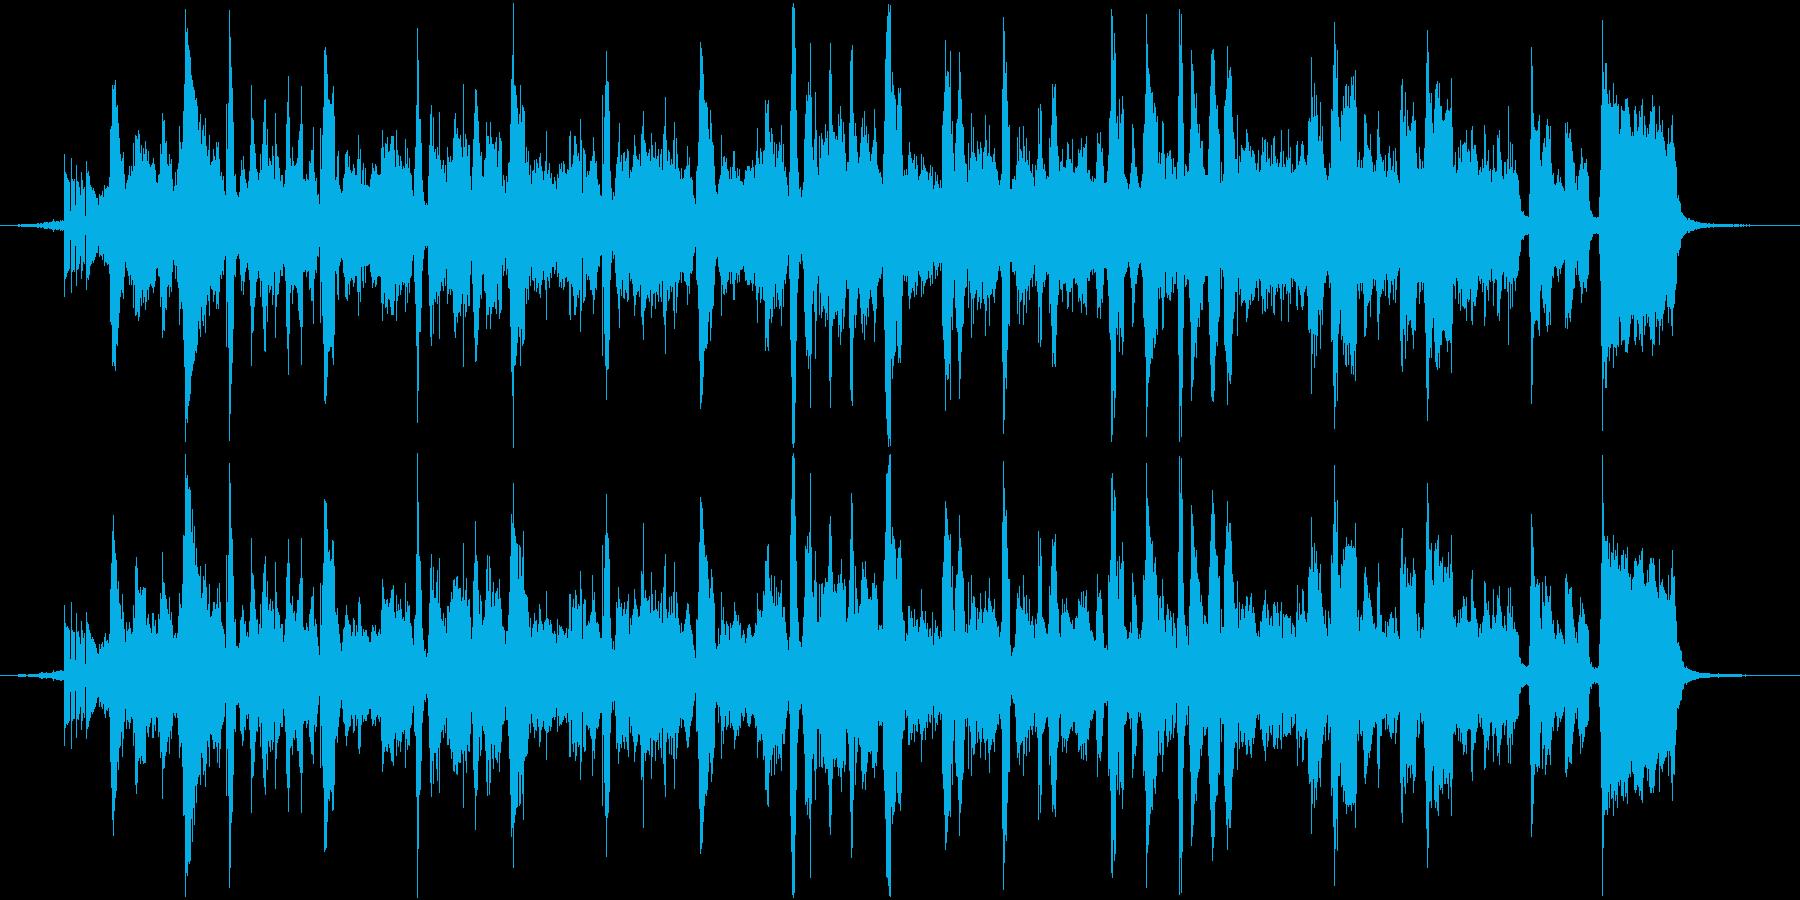 スイカをテーマにした楽曲の再生済みの波形